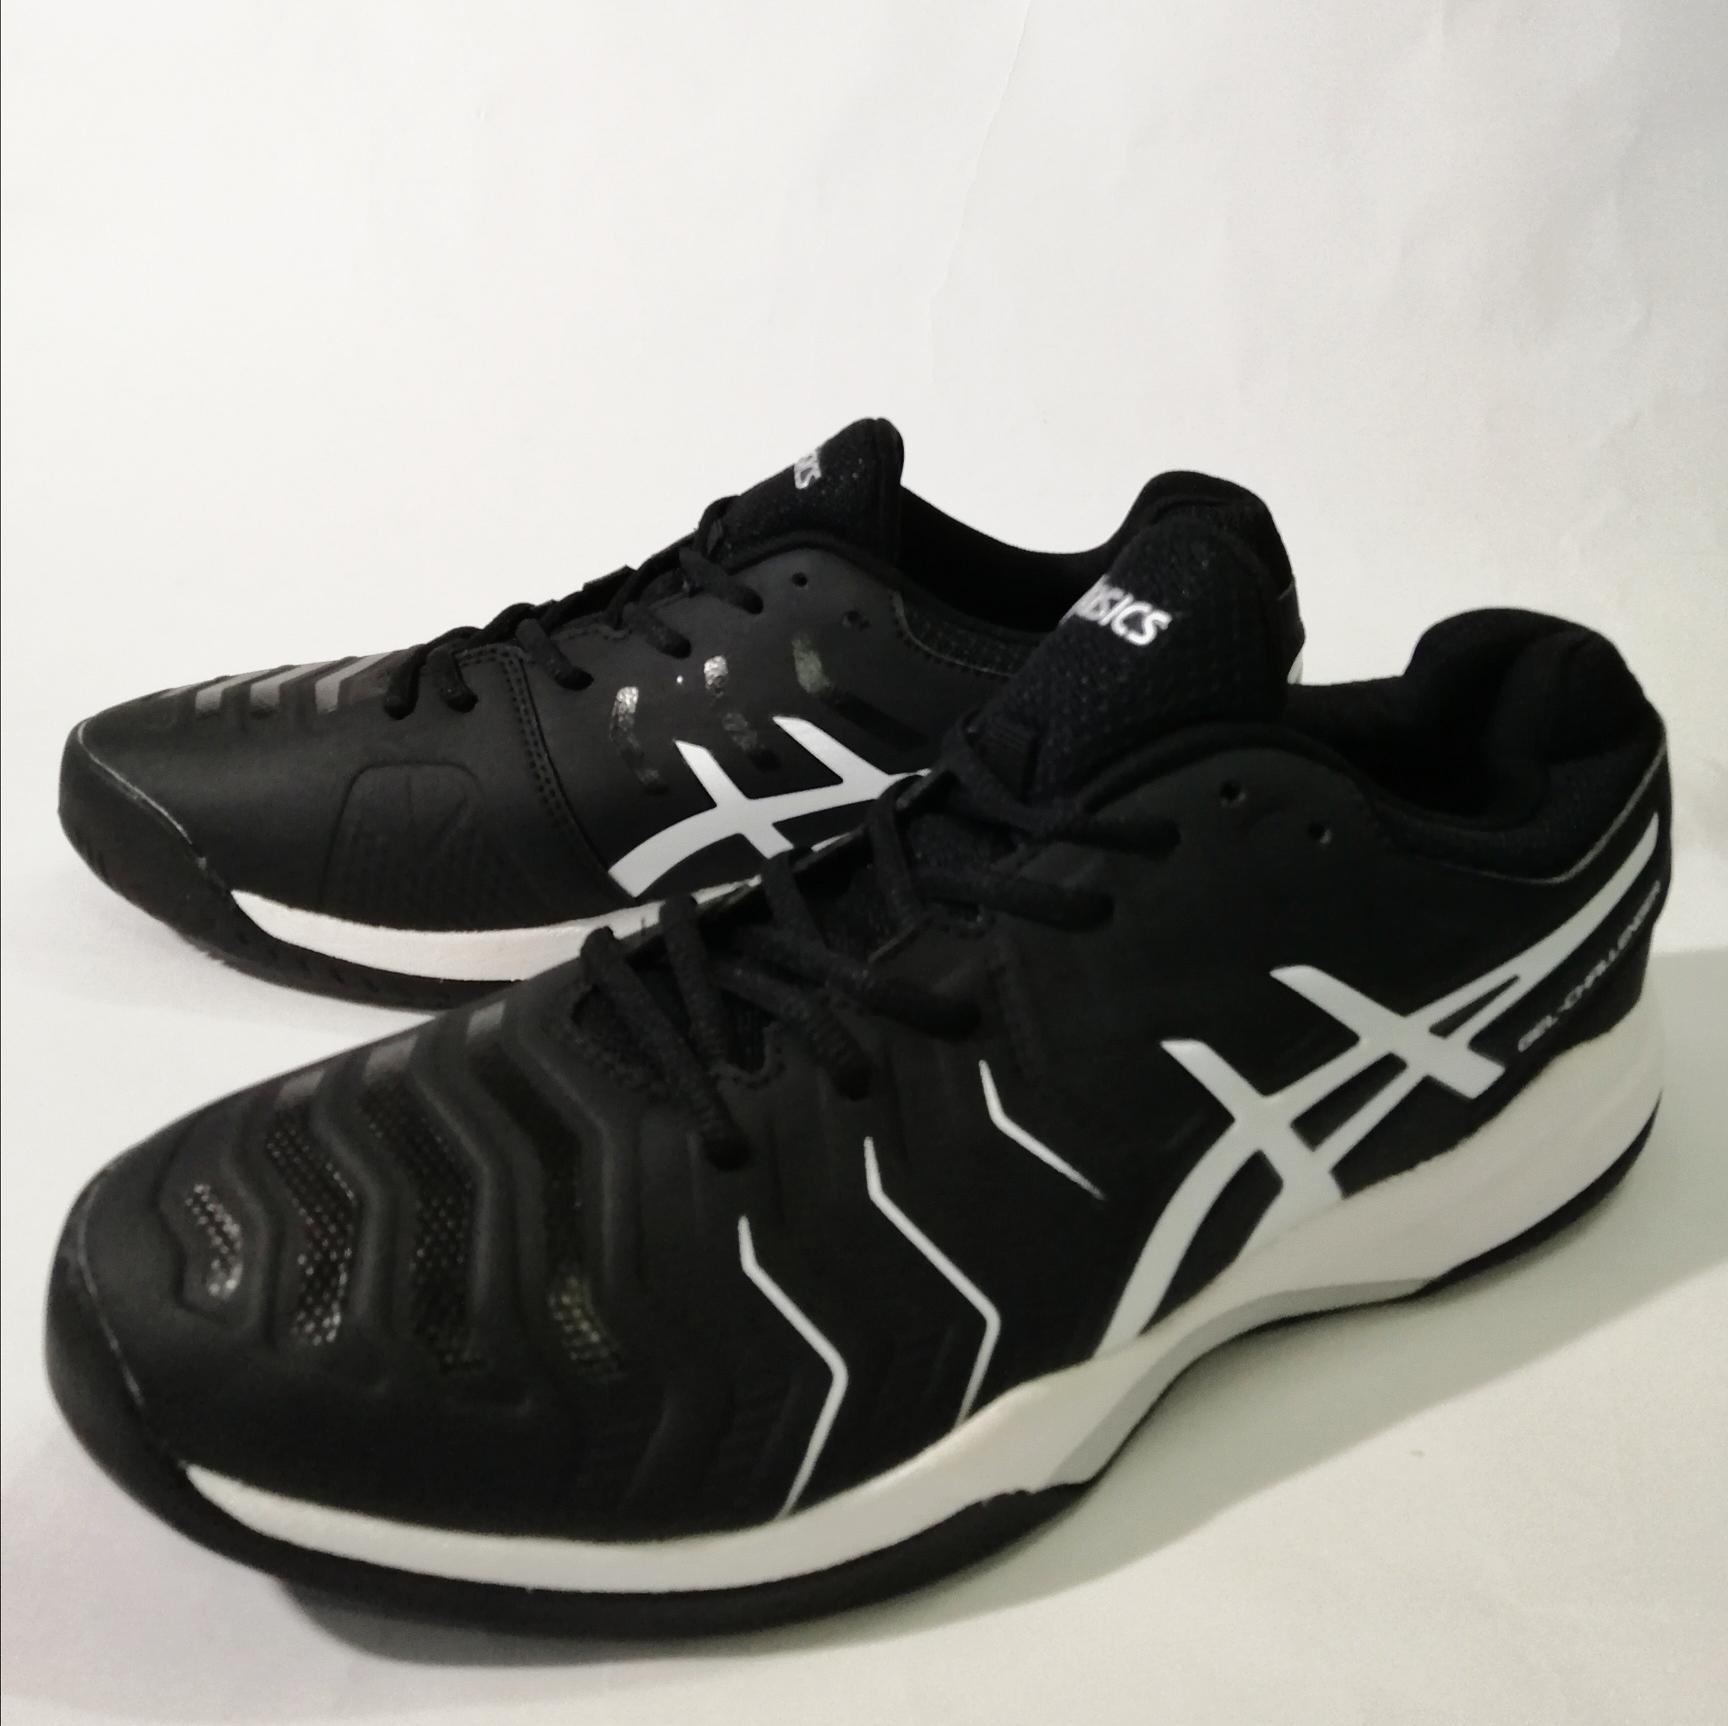 giày asics tennis giá rẻ